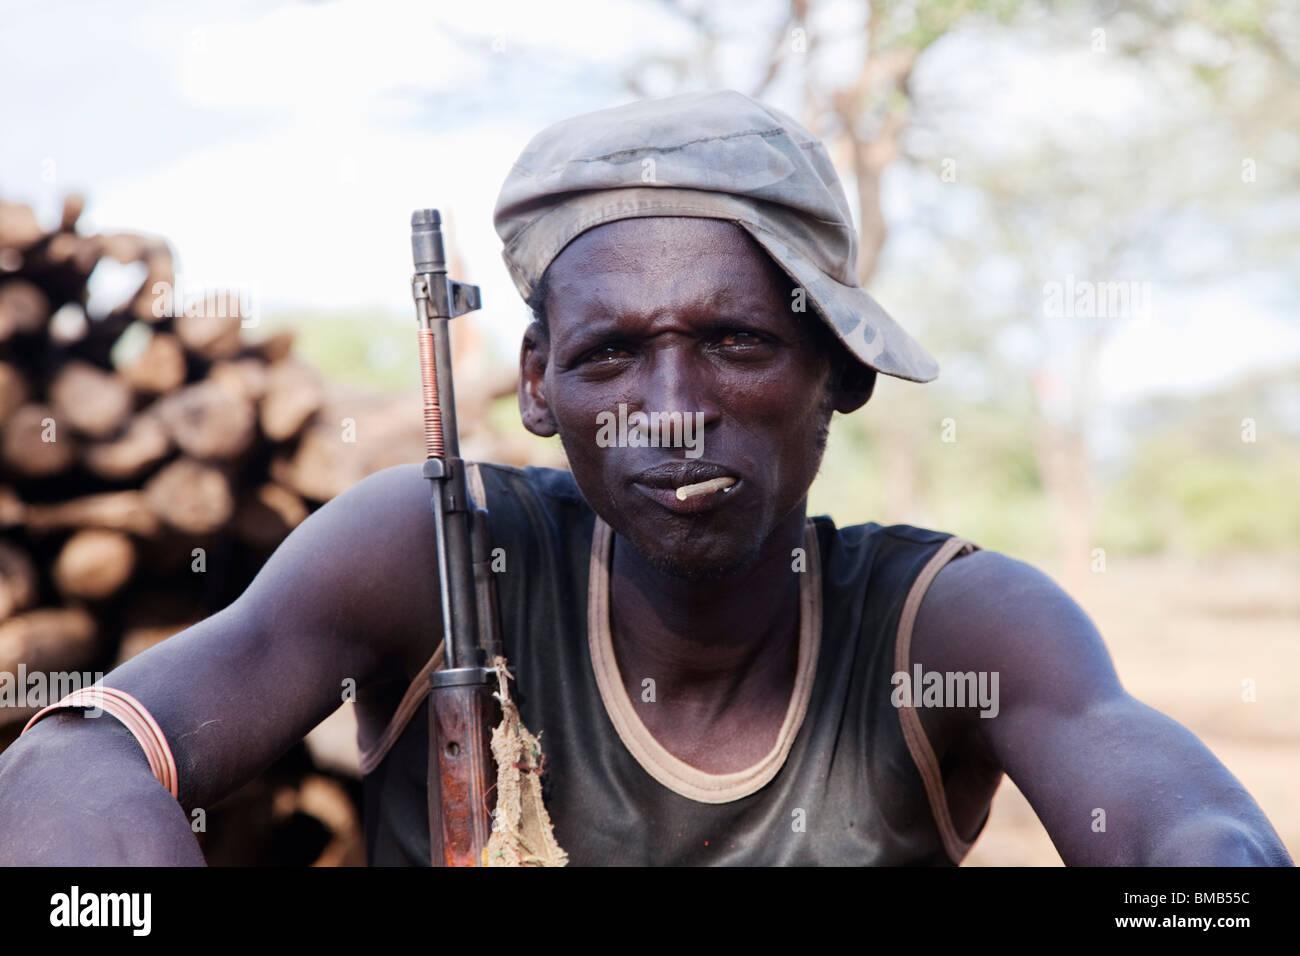 Tsemai tribales del sur de Etiopía con una pistola Imagen De Stock